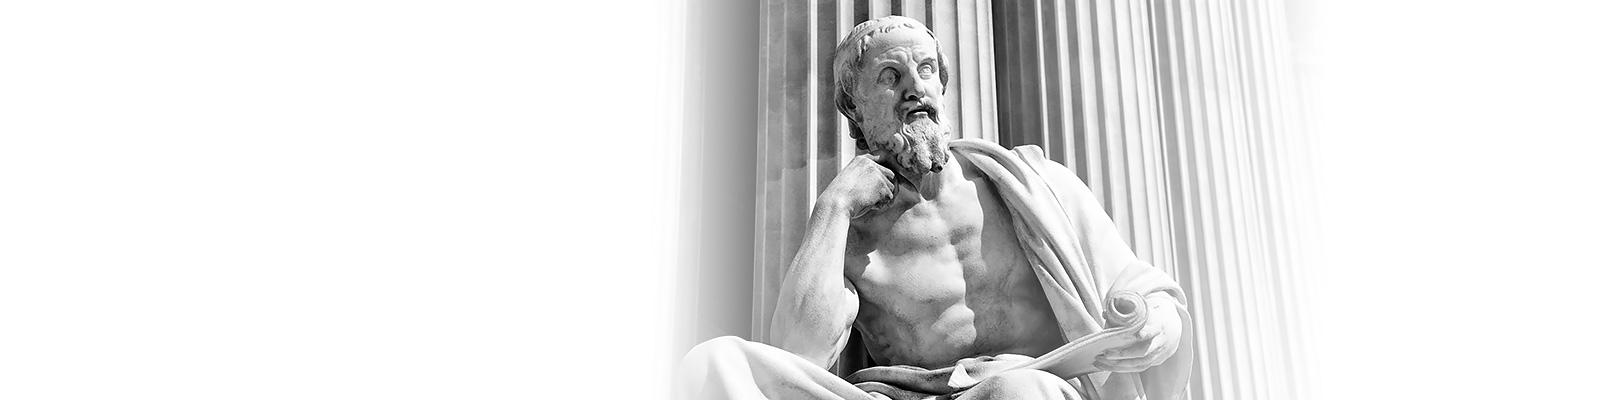 ギリシャ 歴史 学問 イメージ